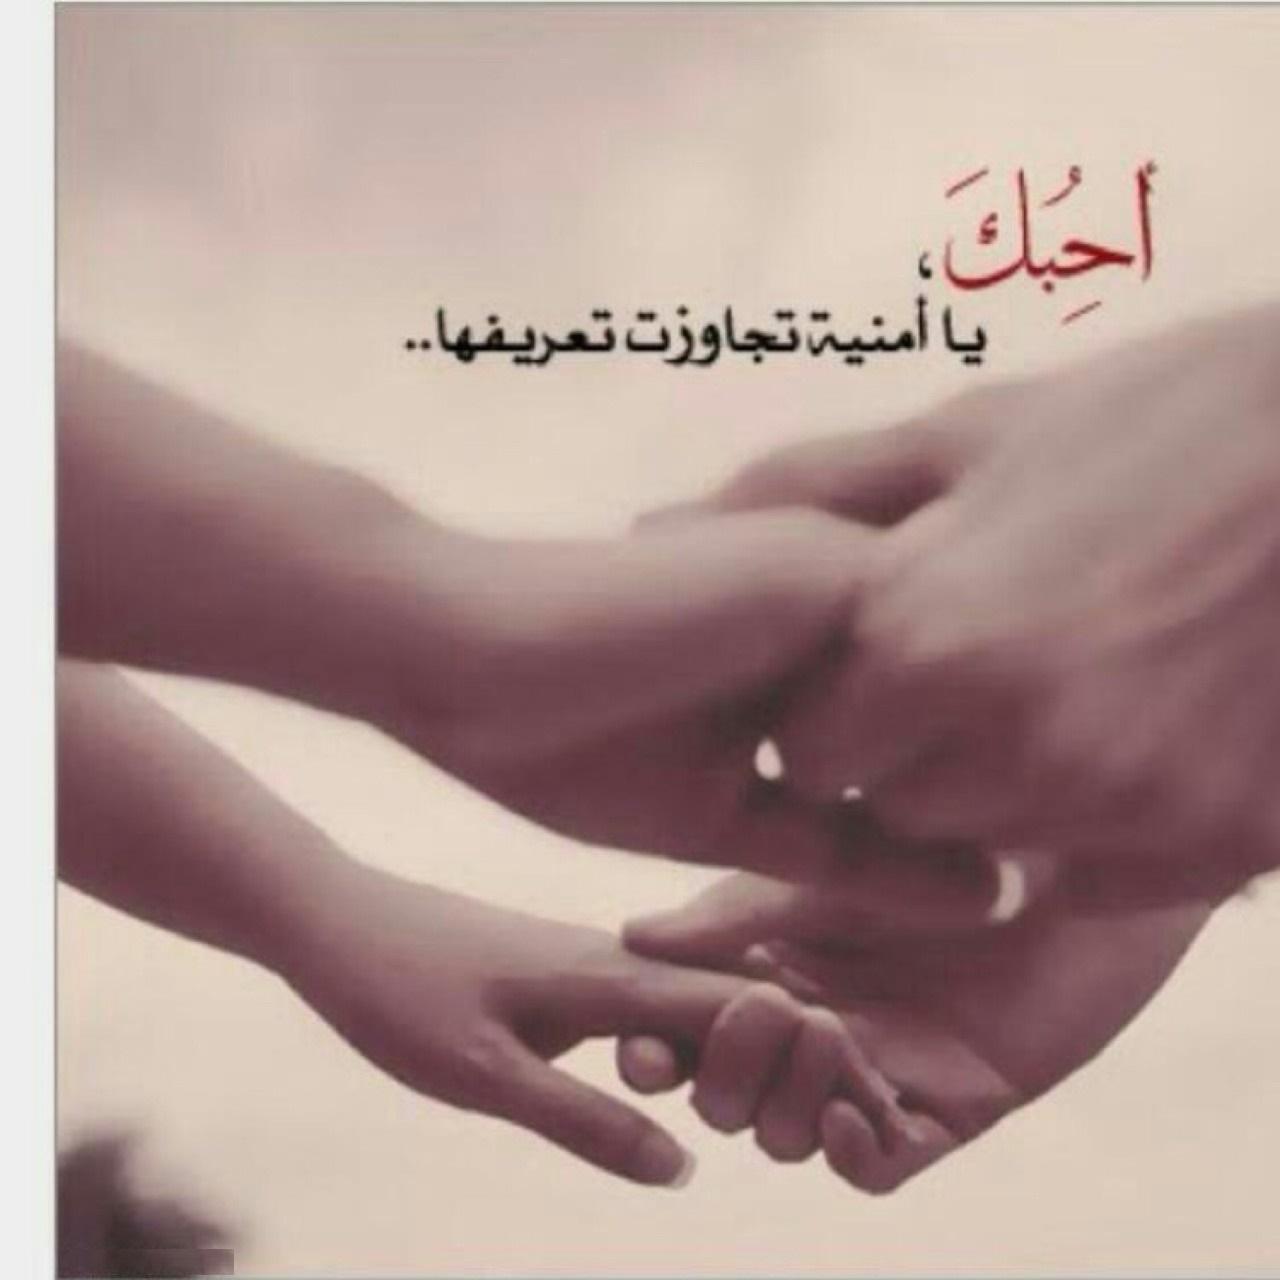 صورة كلمات حب قصيره , عبارات معبره عن الحب